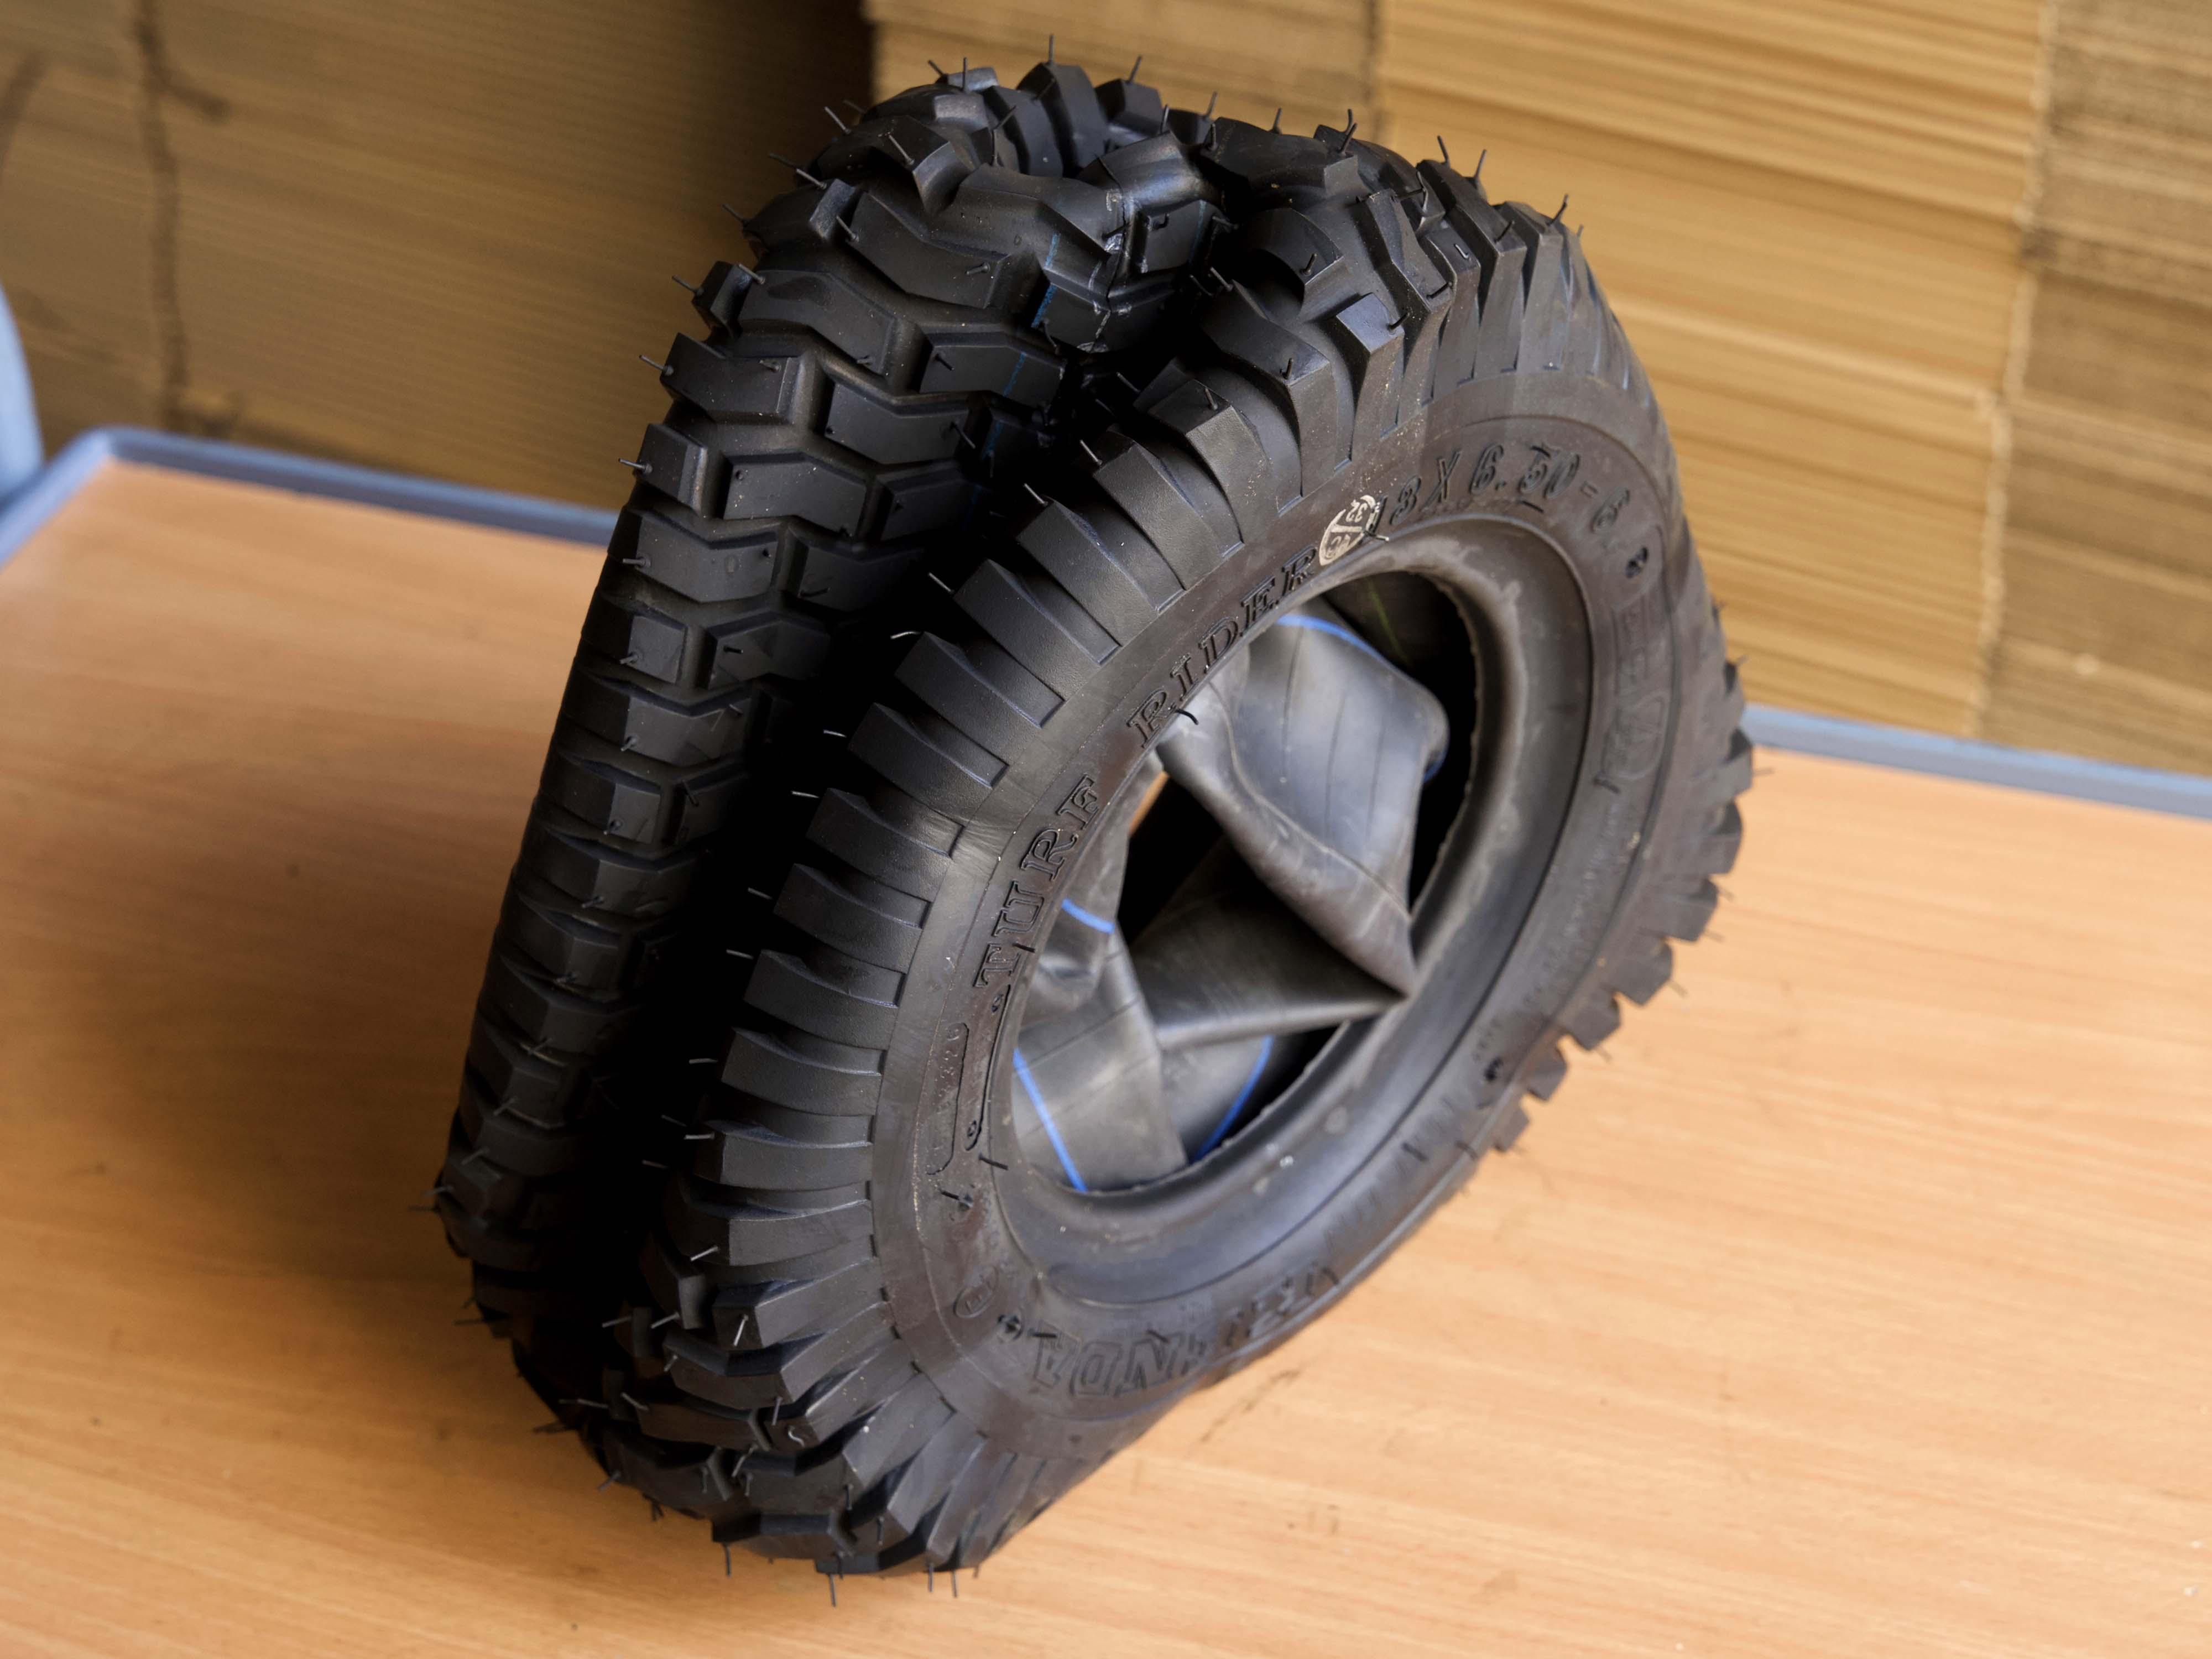 Reifen deformiert, nach der Entnahme aus dem Bündel